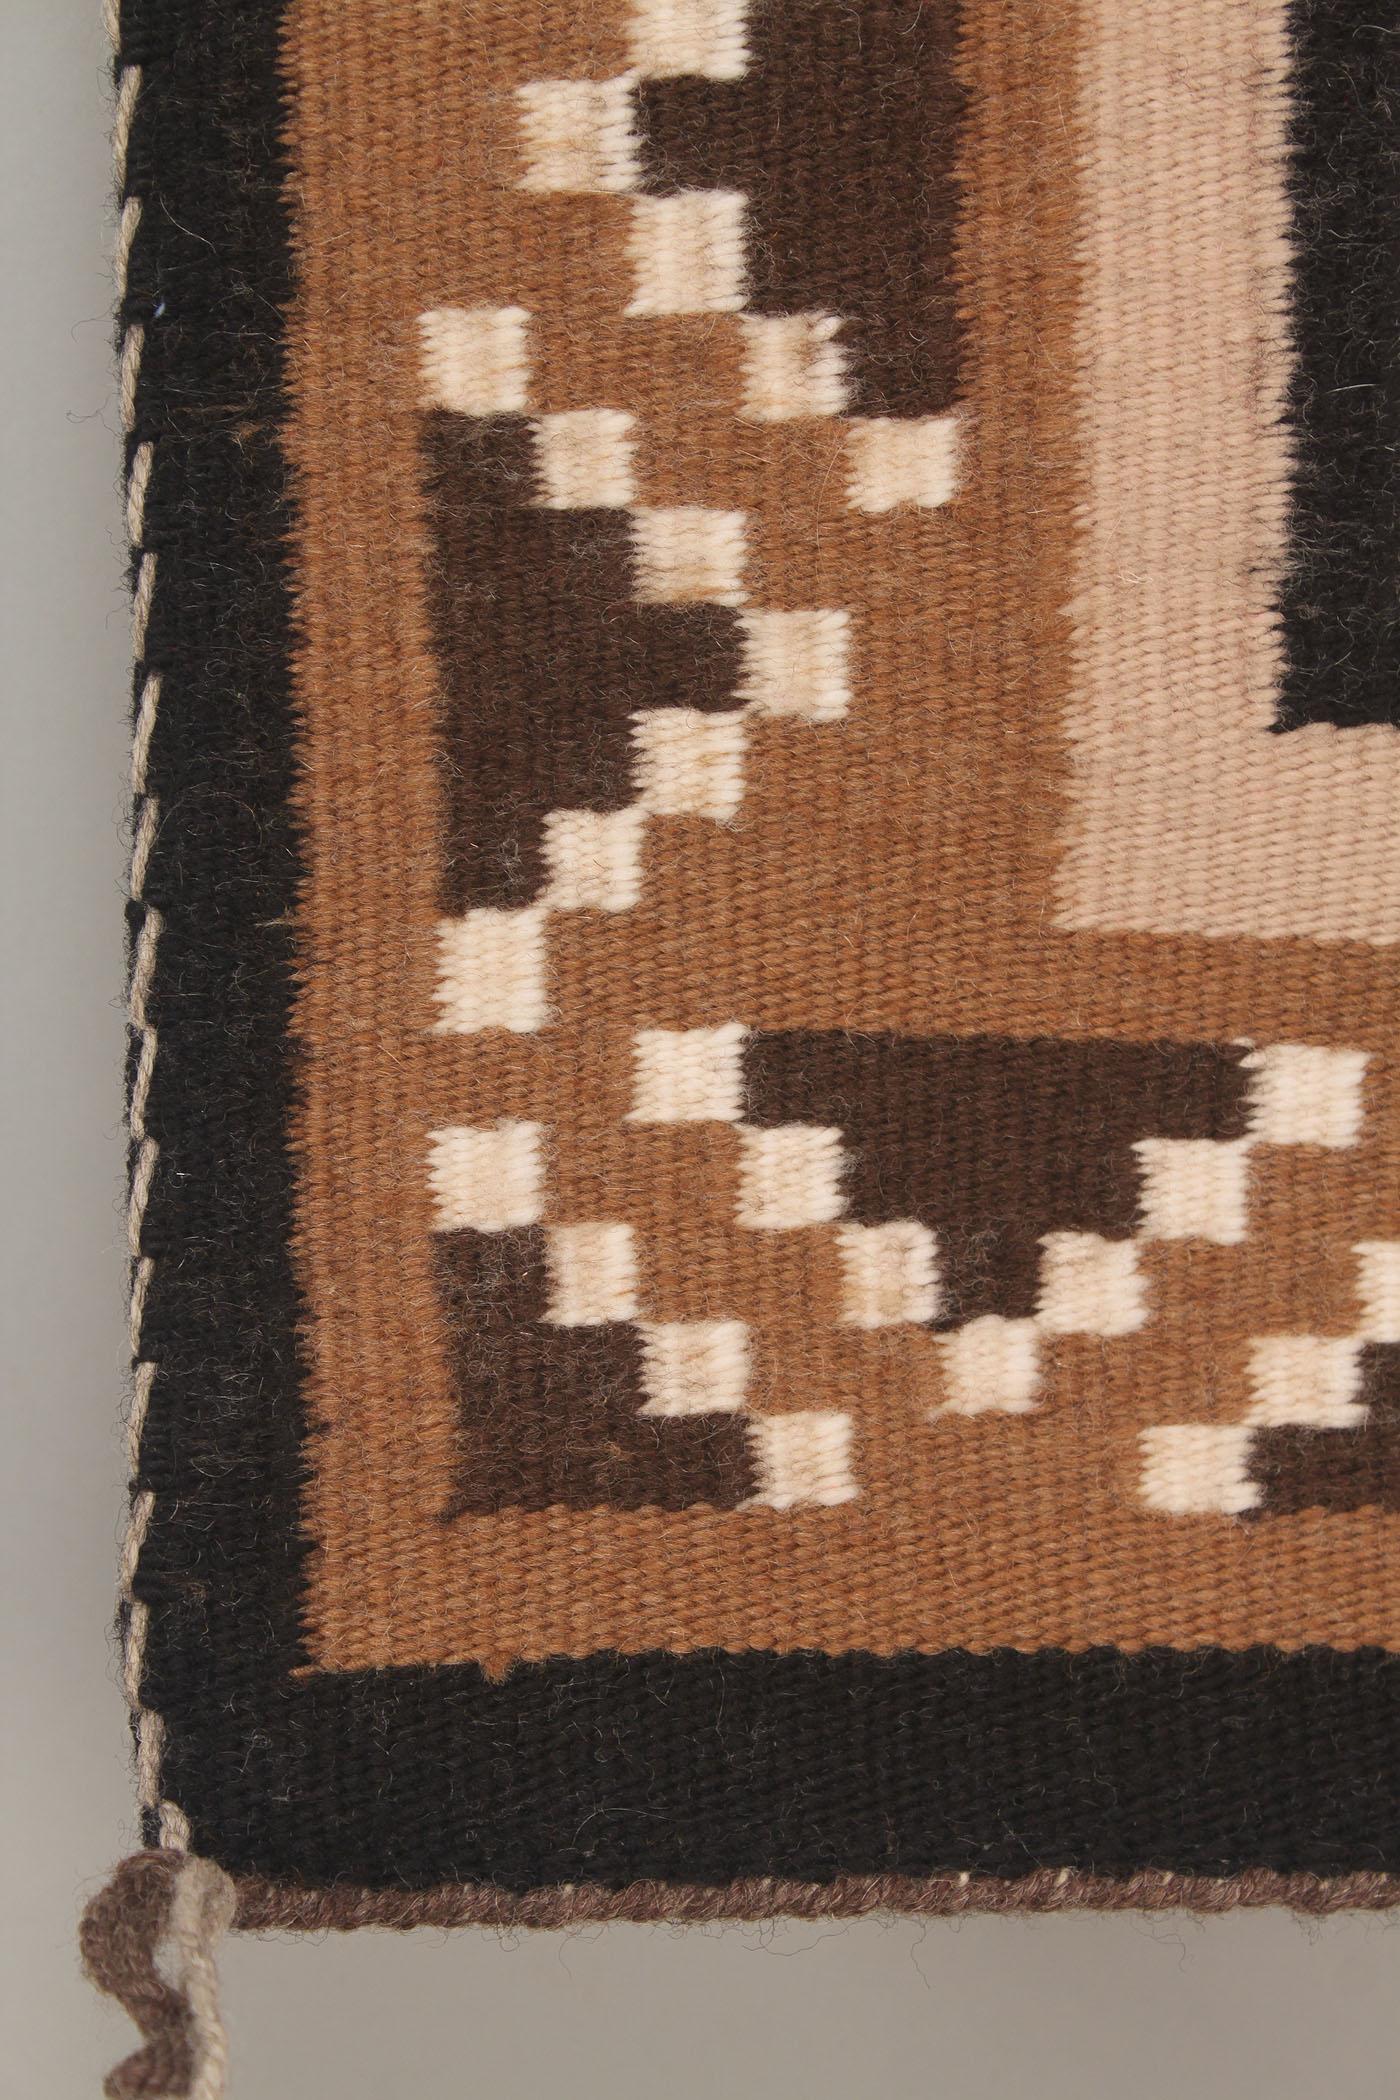 Lot 472 Navajo Weaving Rug Geometric Design